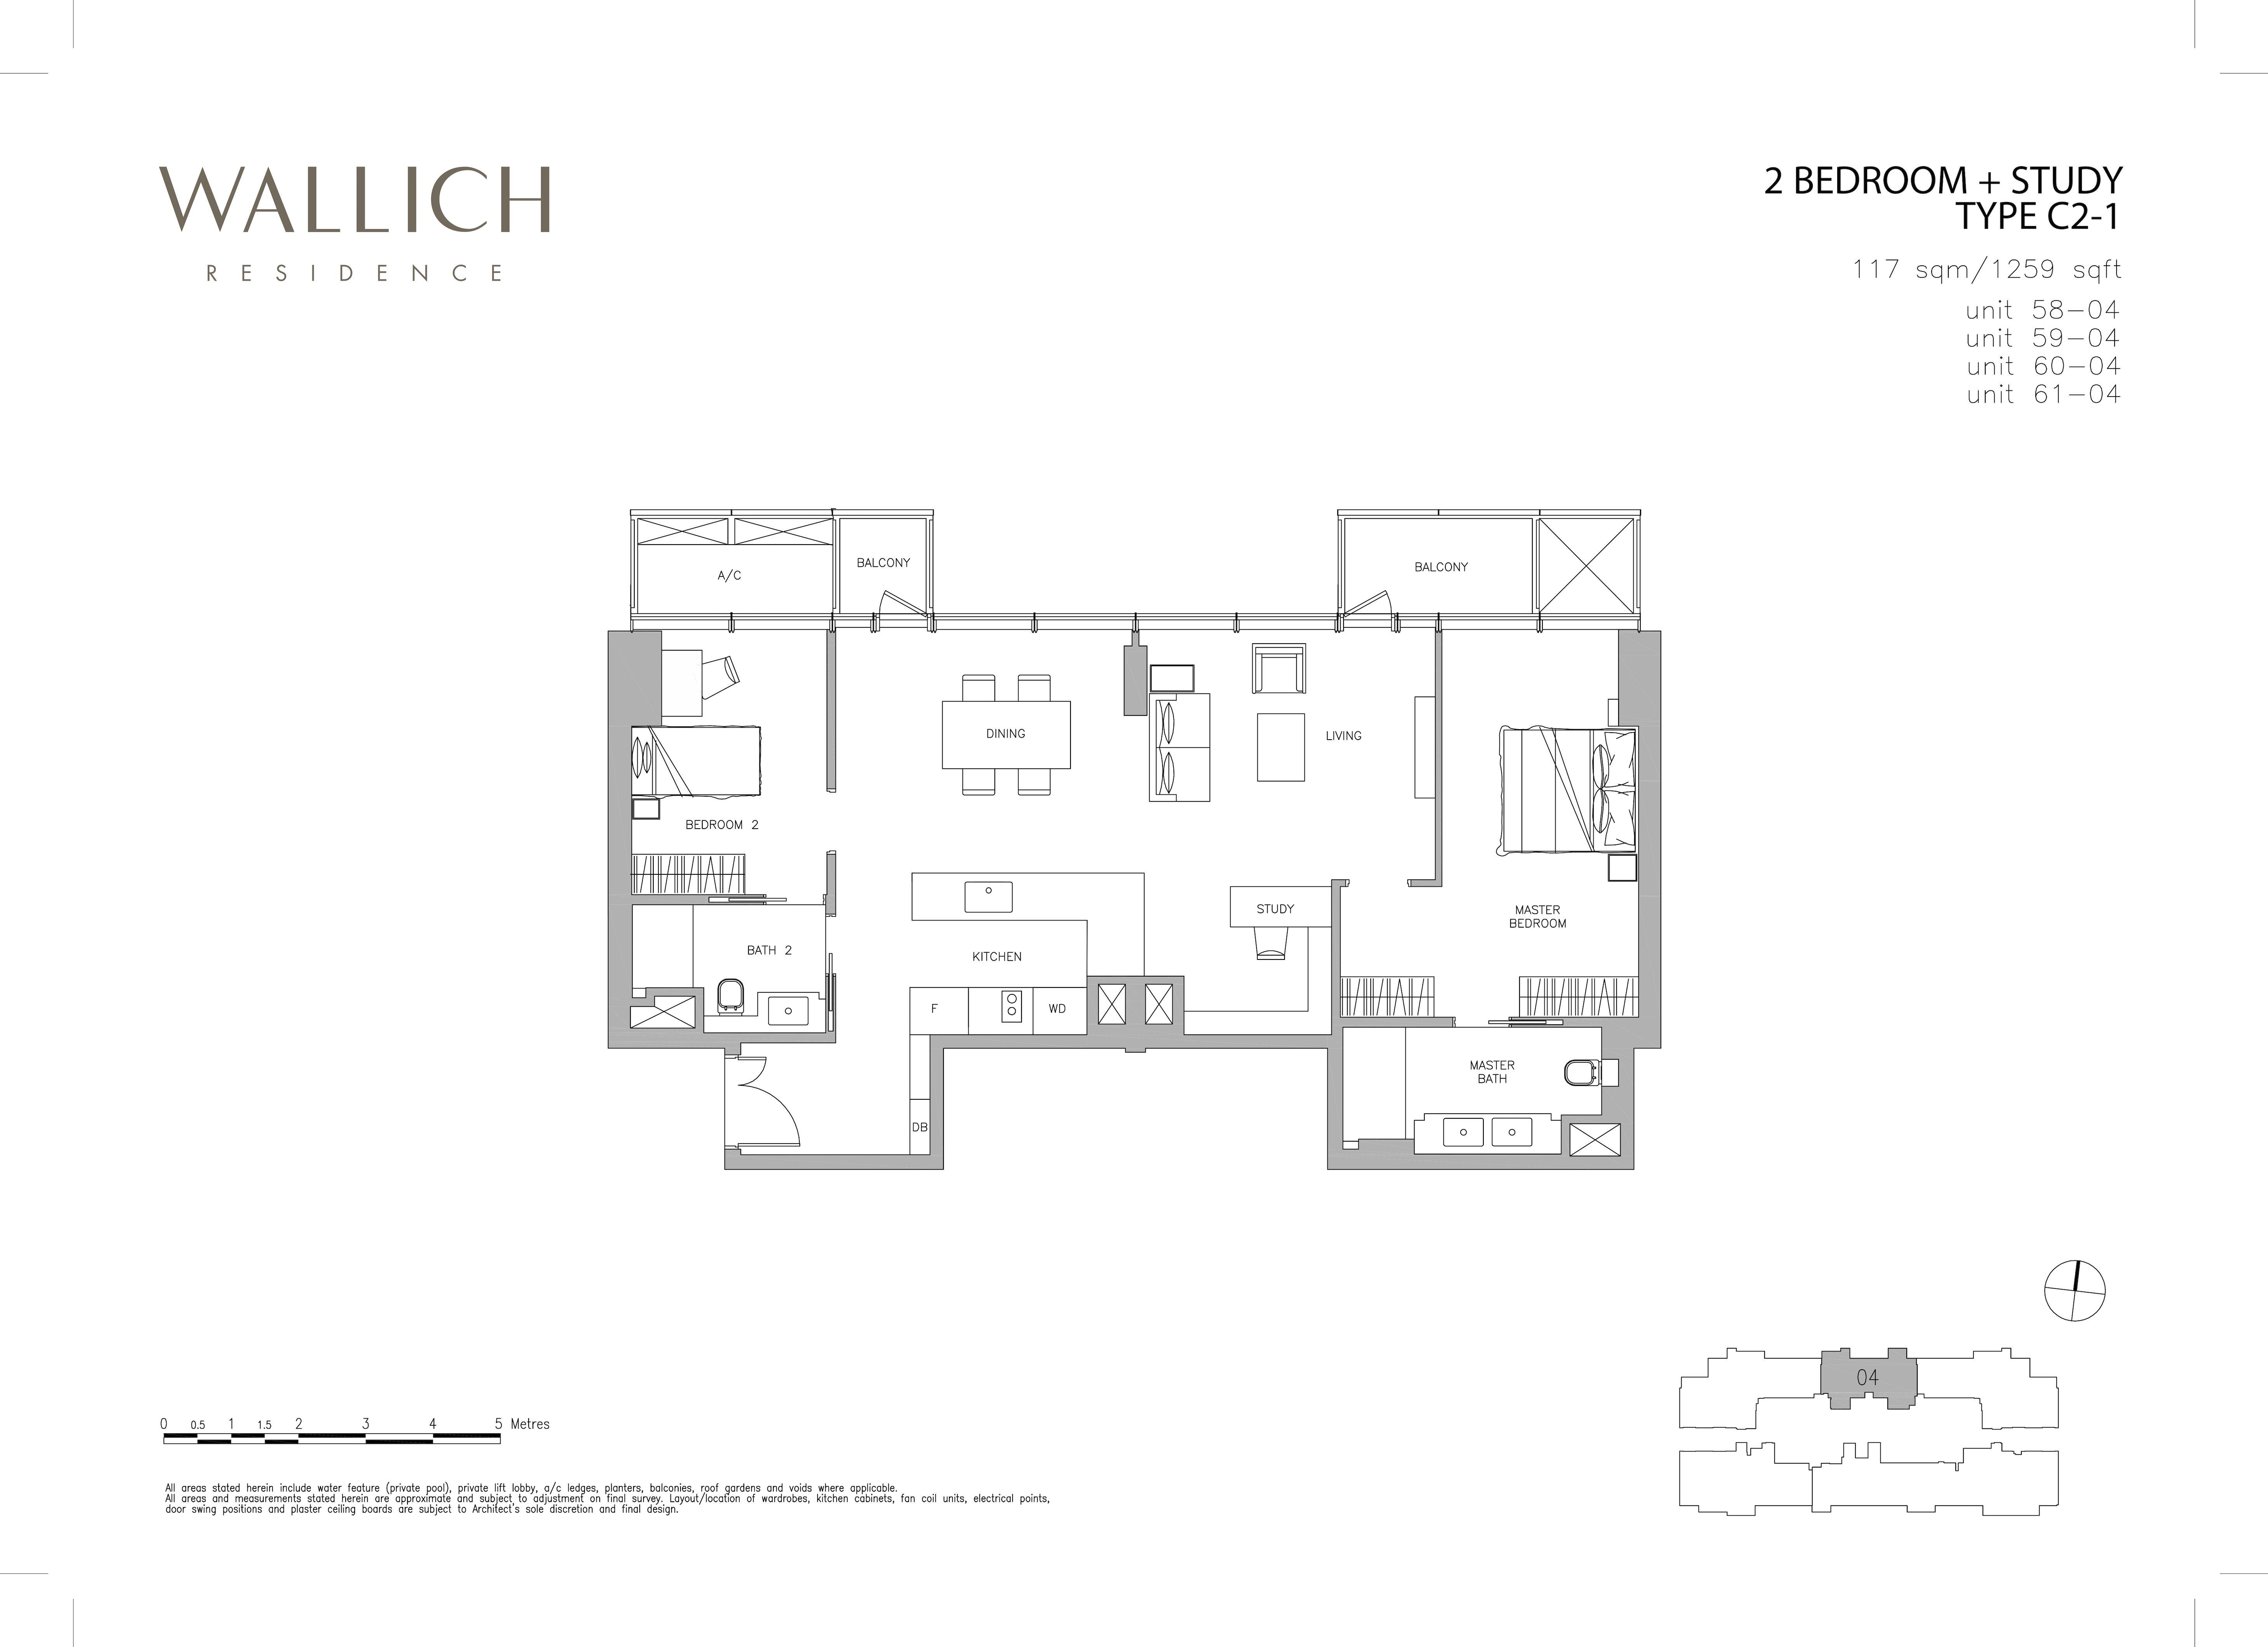 华利世家 wallich residence 2-Bedroom Study floor plan edit